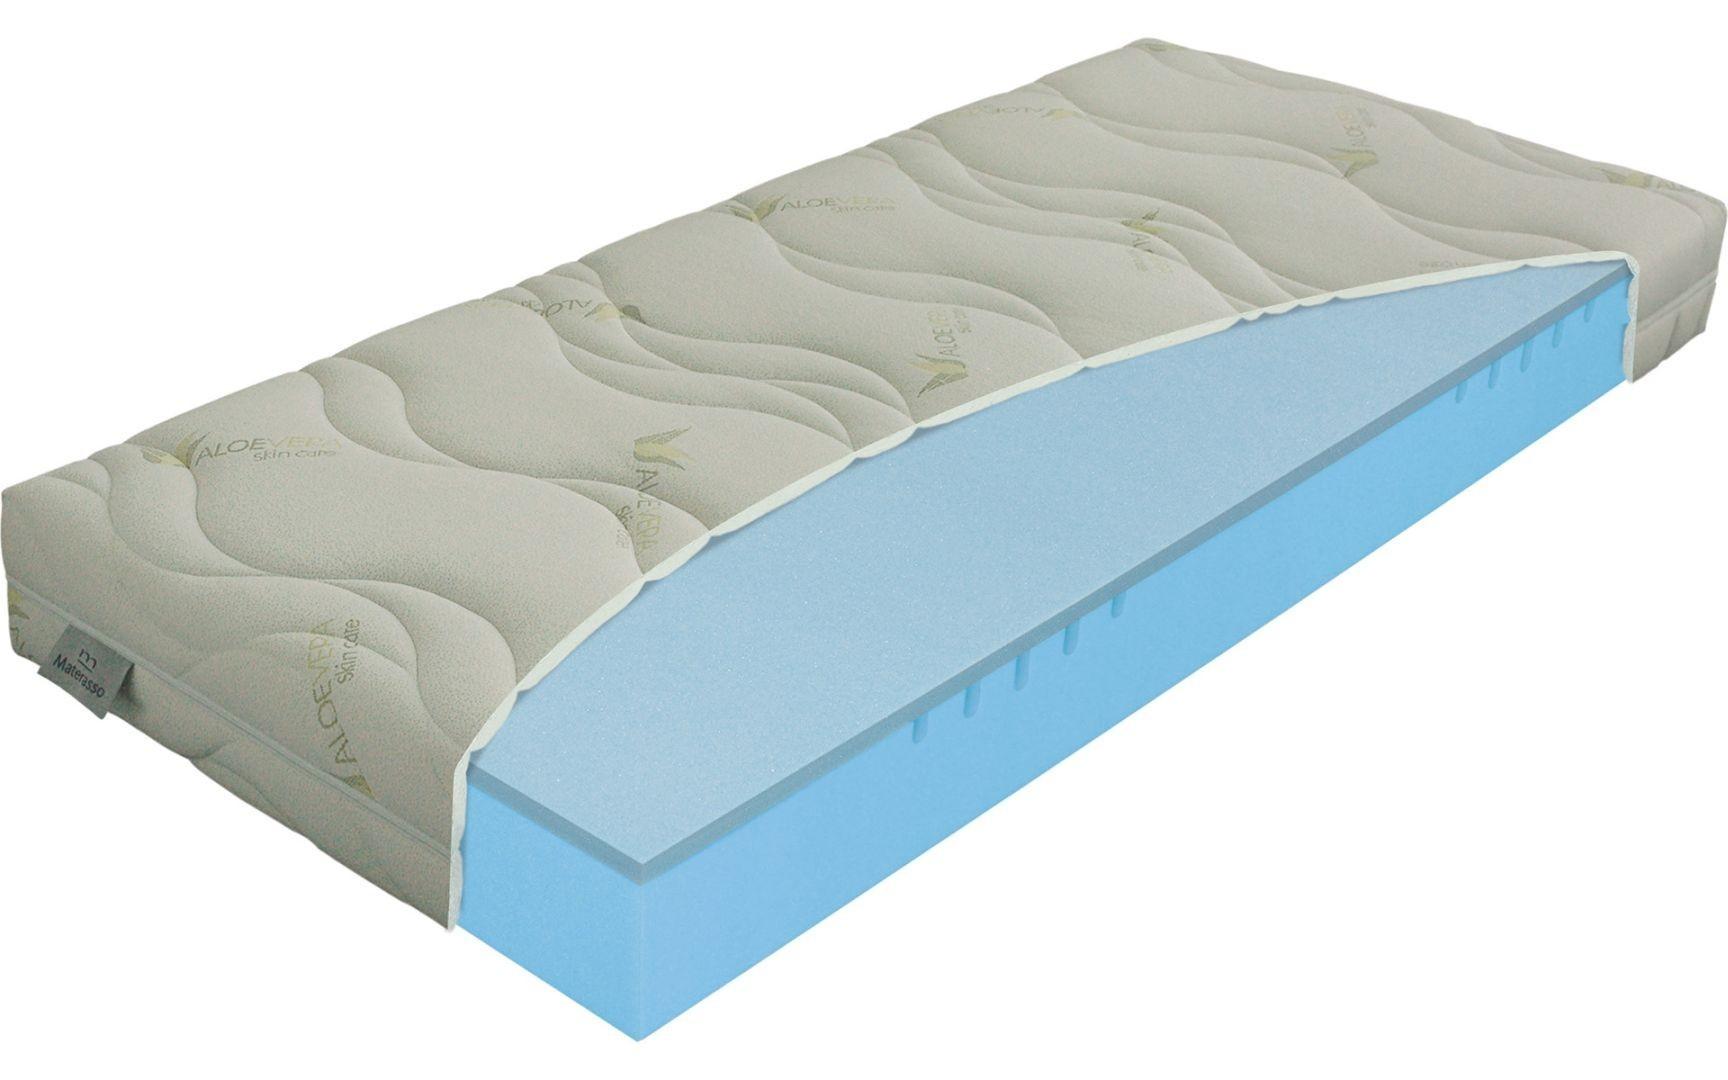 Materasso POLARGEL superior - jedinečná matrace s nosností až 190 kg 180 x 210 cm, snímatelný potah